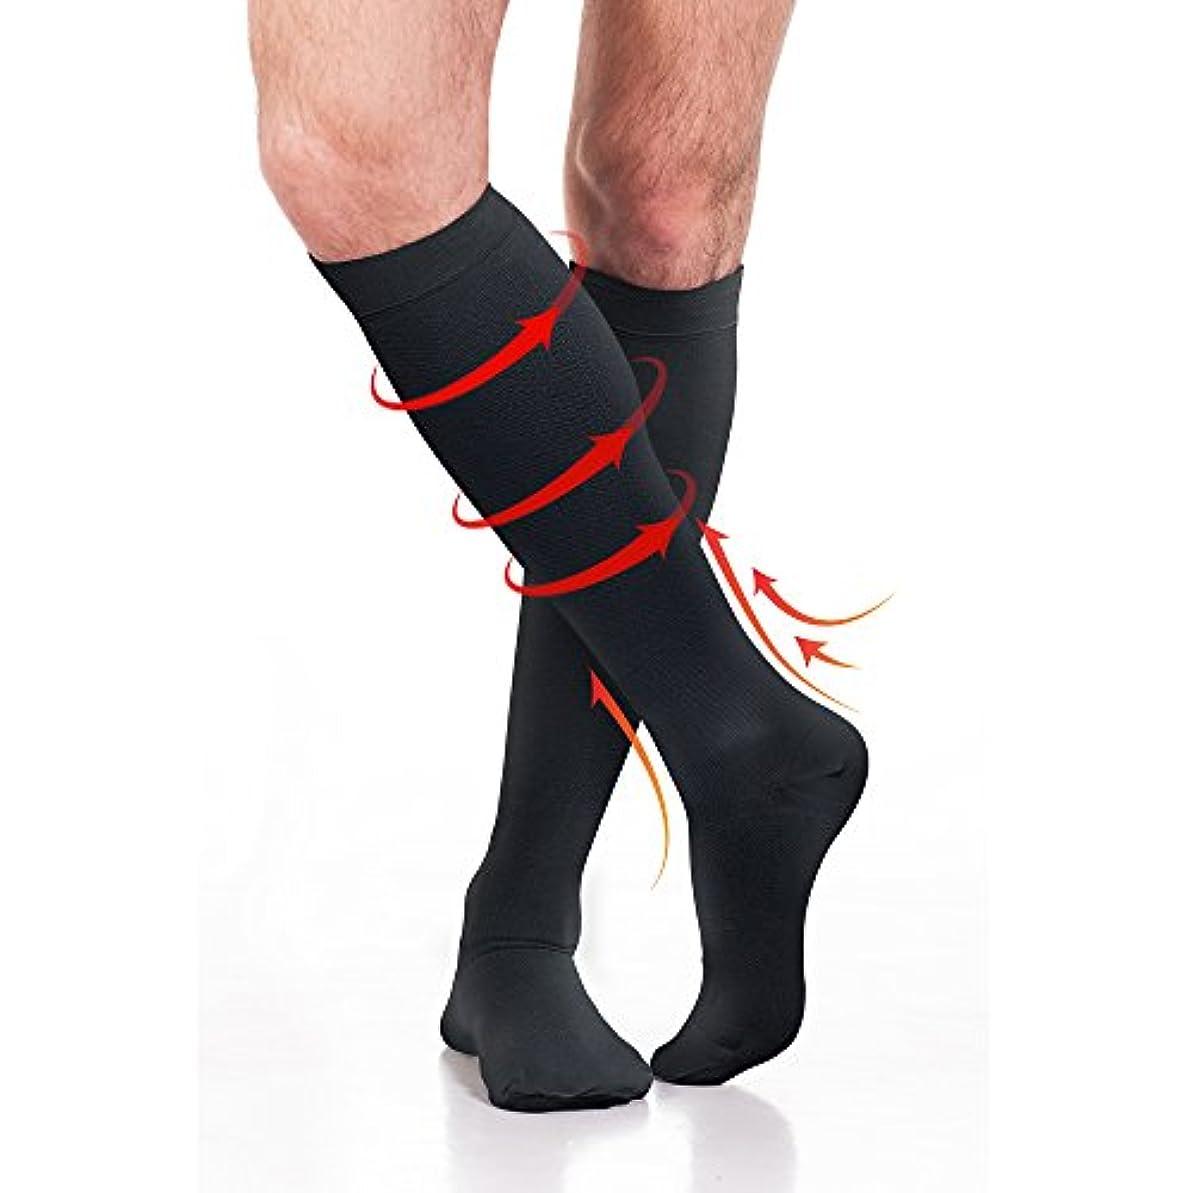 目に見える急降下奇跡的なFytto (フィトー)1080スタイル快適圧力着圧ソックス 靴下 ビジネスソックス ブラック 男女兼用 15-20mmHg (20~27hPa) ソックス サポート靴下 M